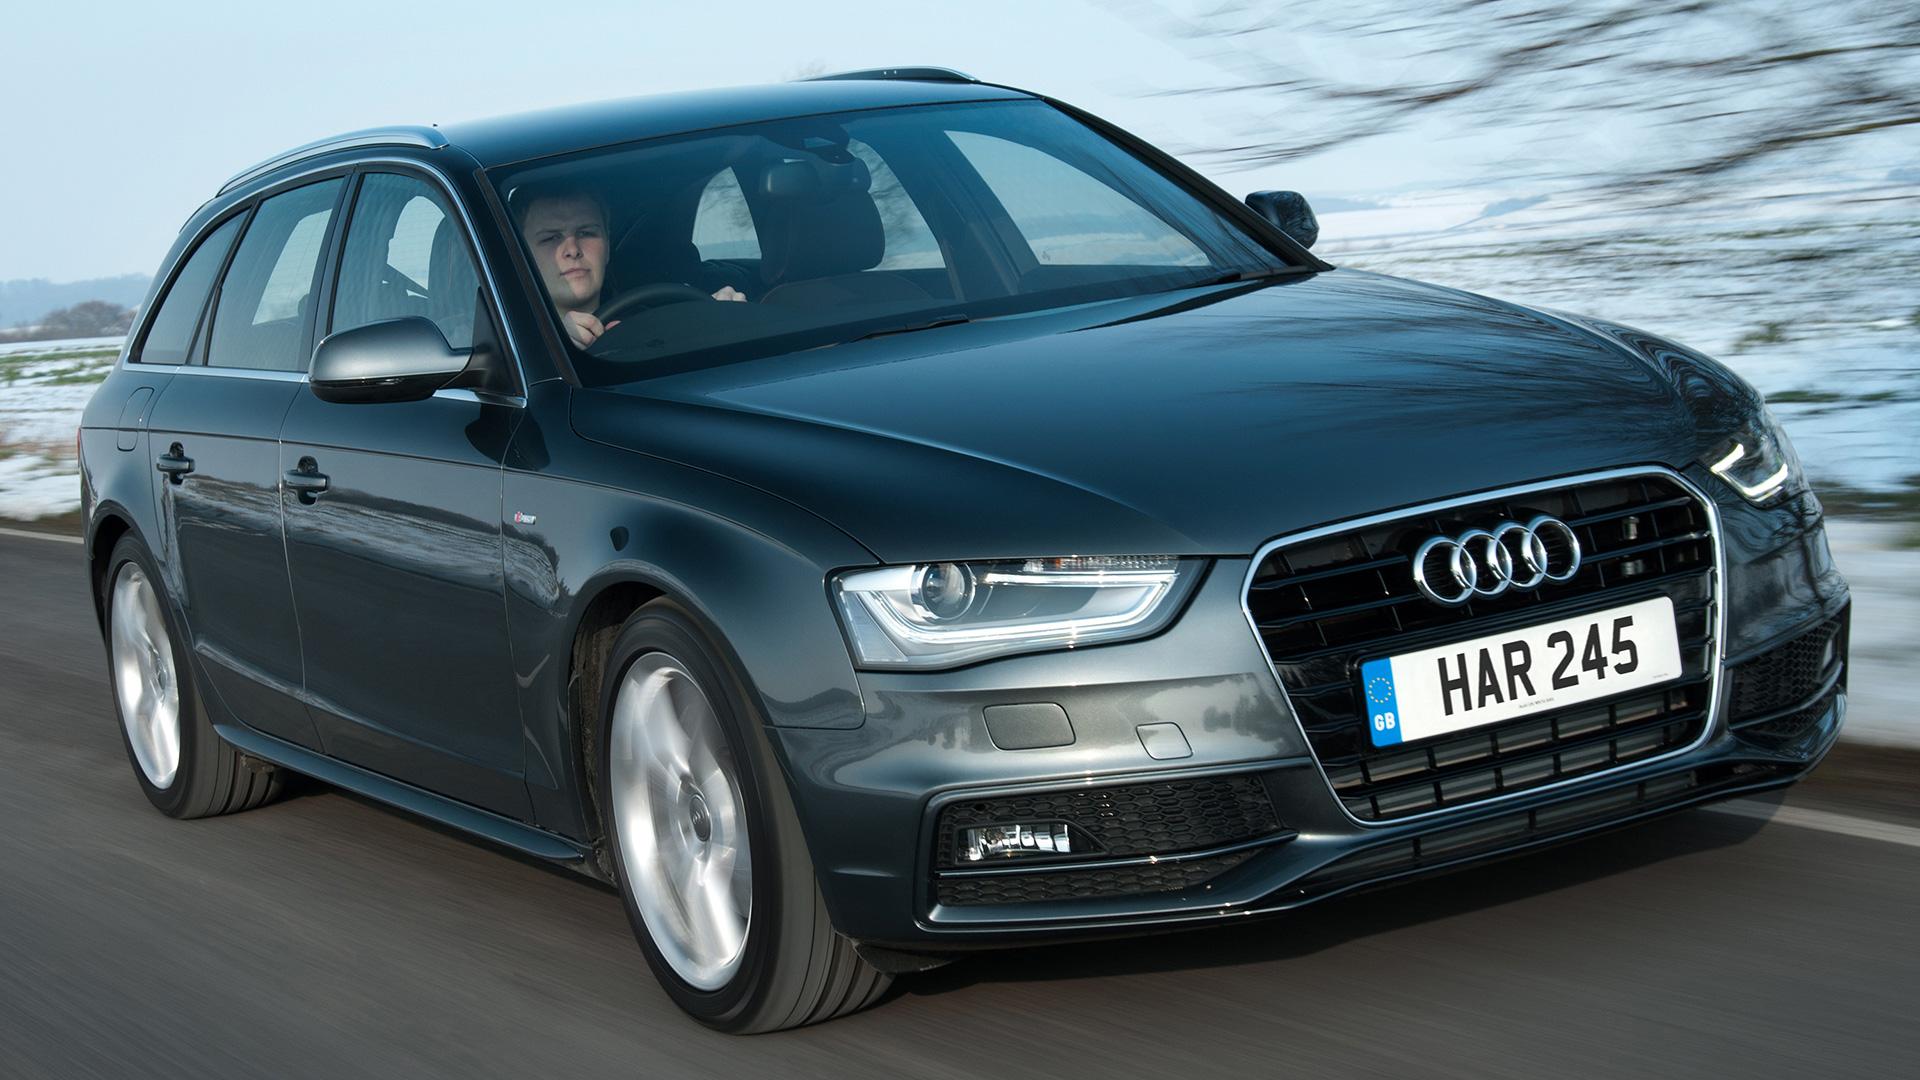 Kelebihan Kekurangan Audi A4 Avant 2014 Spesifikasi